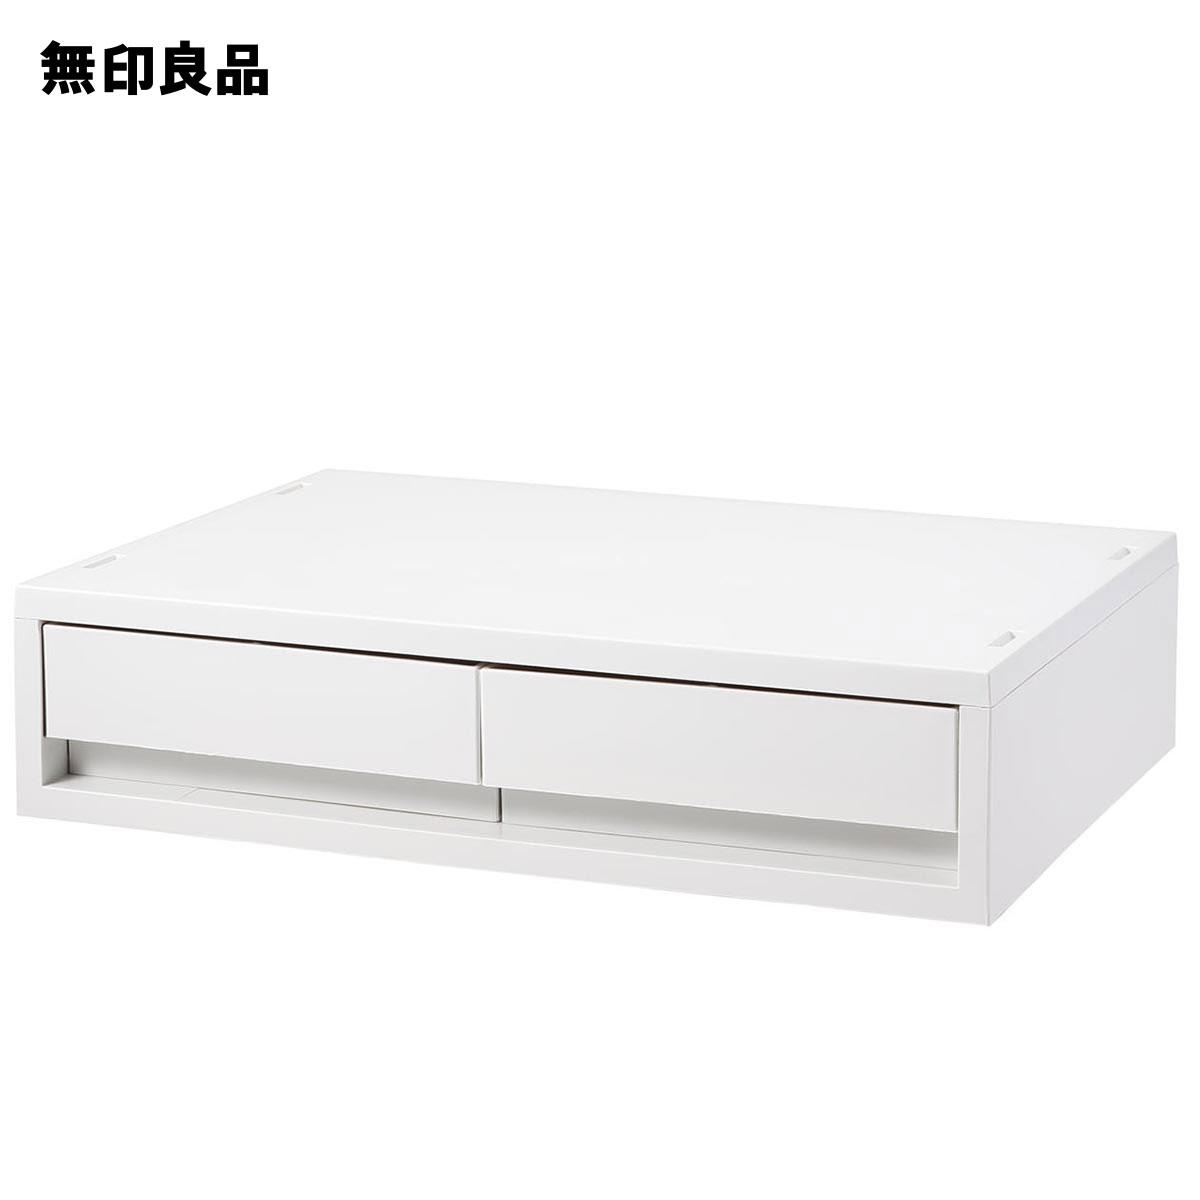 【無印良品 公式】ポリプロピレンケース・引出式・横ワイド・薄型・2個・ホワイトグレー 約幅37×奥行26×高さ9cm